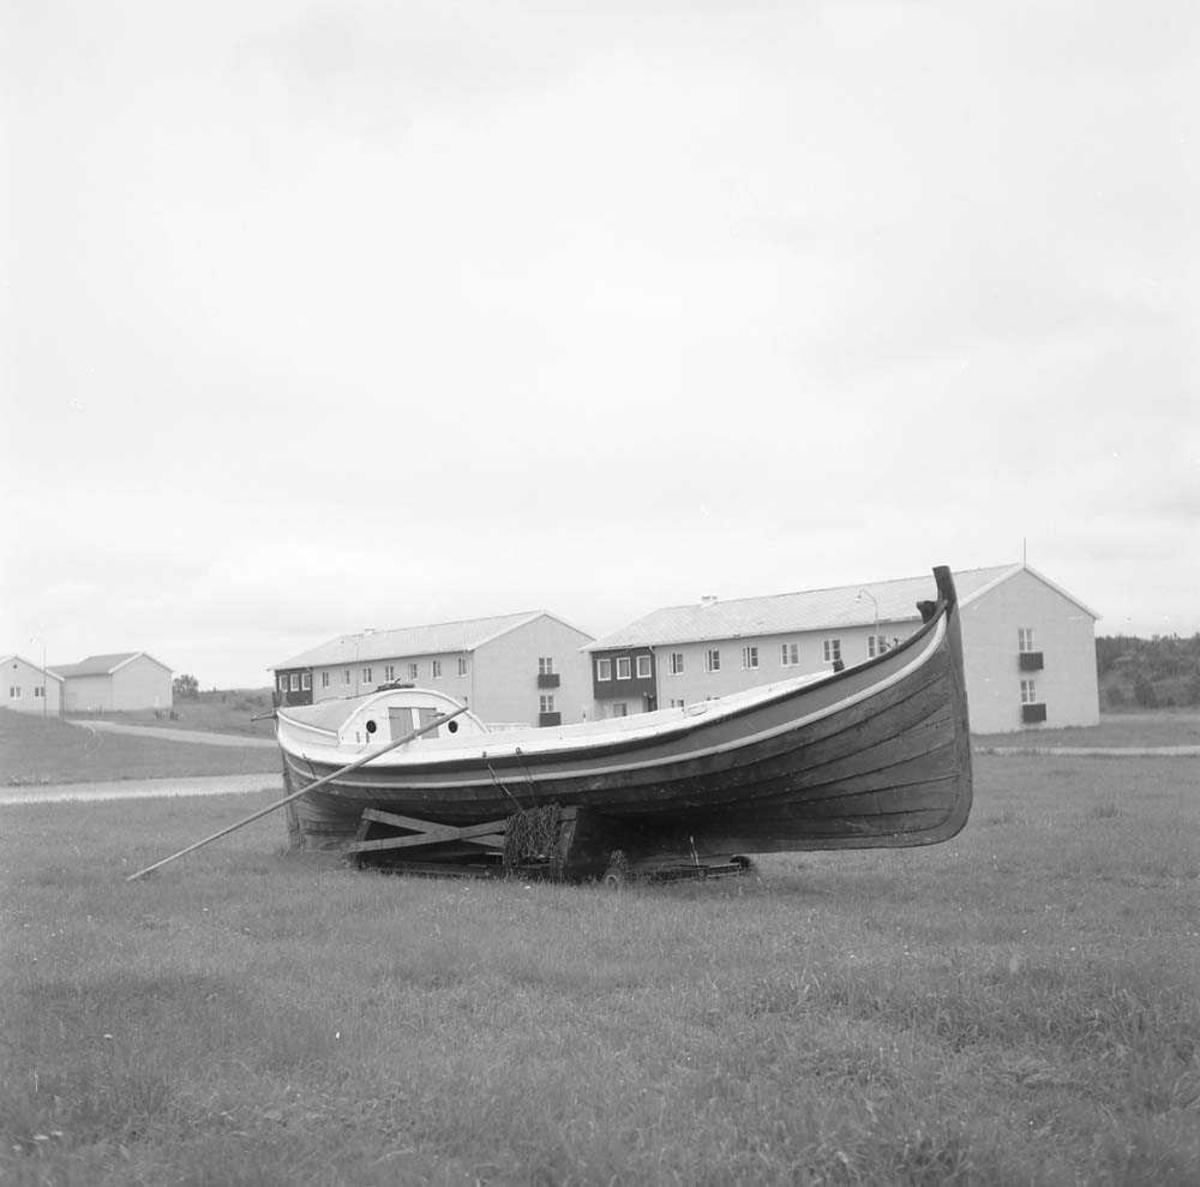 """Nordlandsbåten, Ottringen """"Daniel"""" som er plassert utenfor Messe I på Bodø flystasjon. I bakgrunnen sees befalskaserner."""